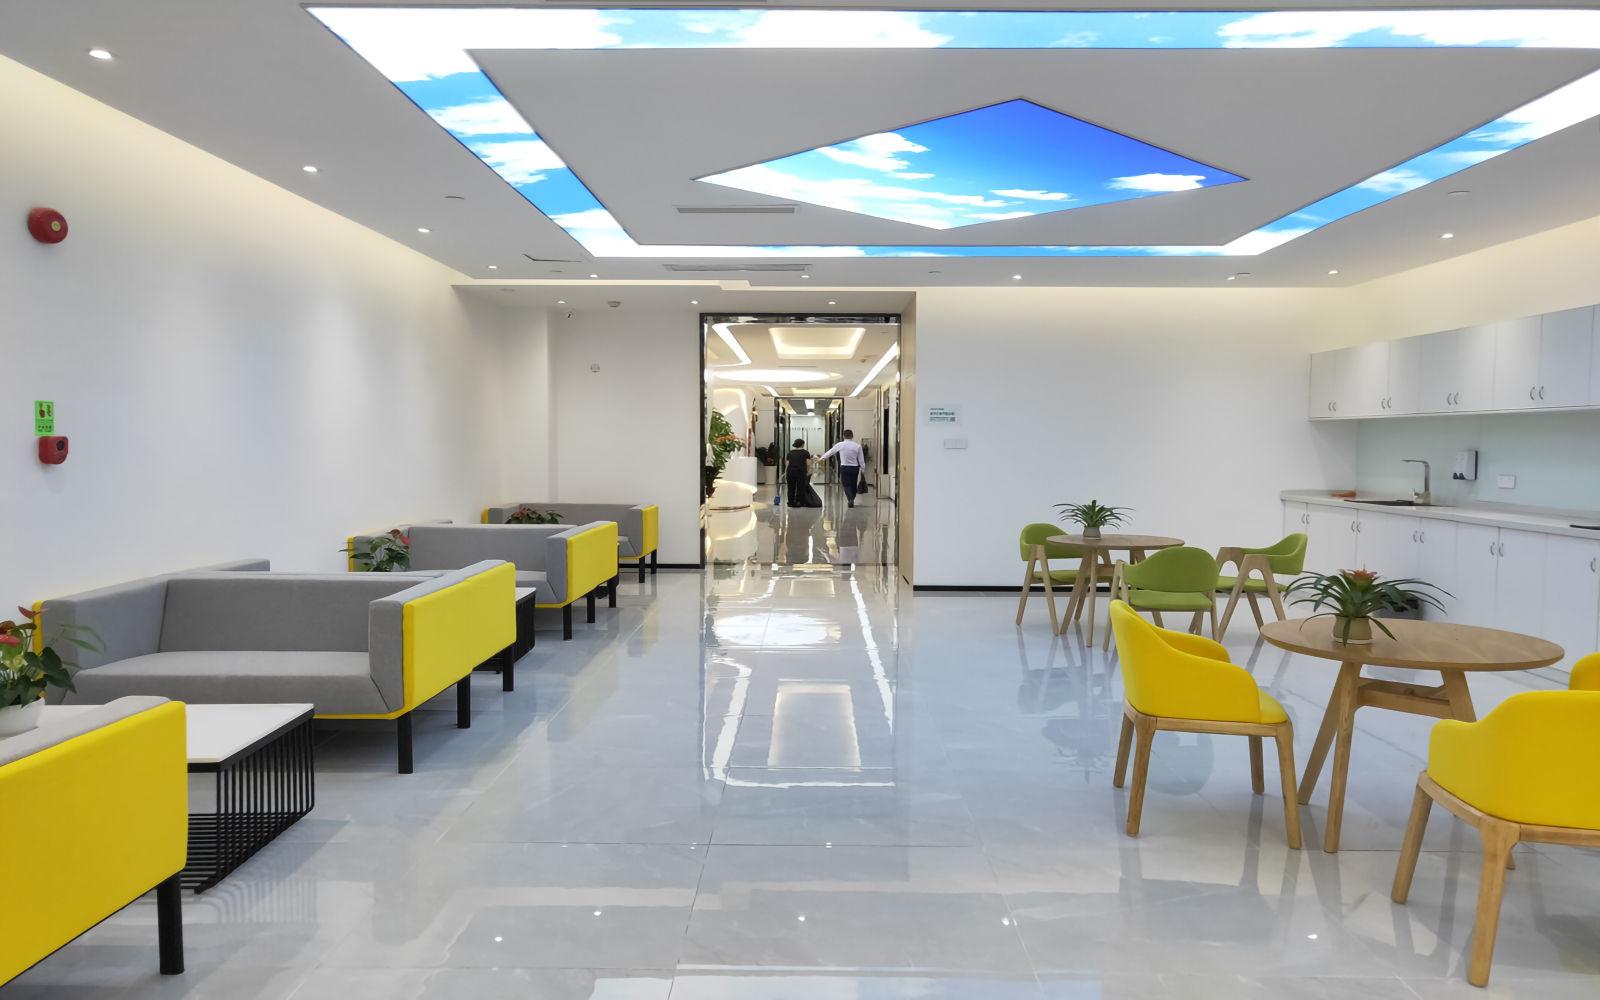 深圳办公室出租前,注意装修设计要到位-咚咚租